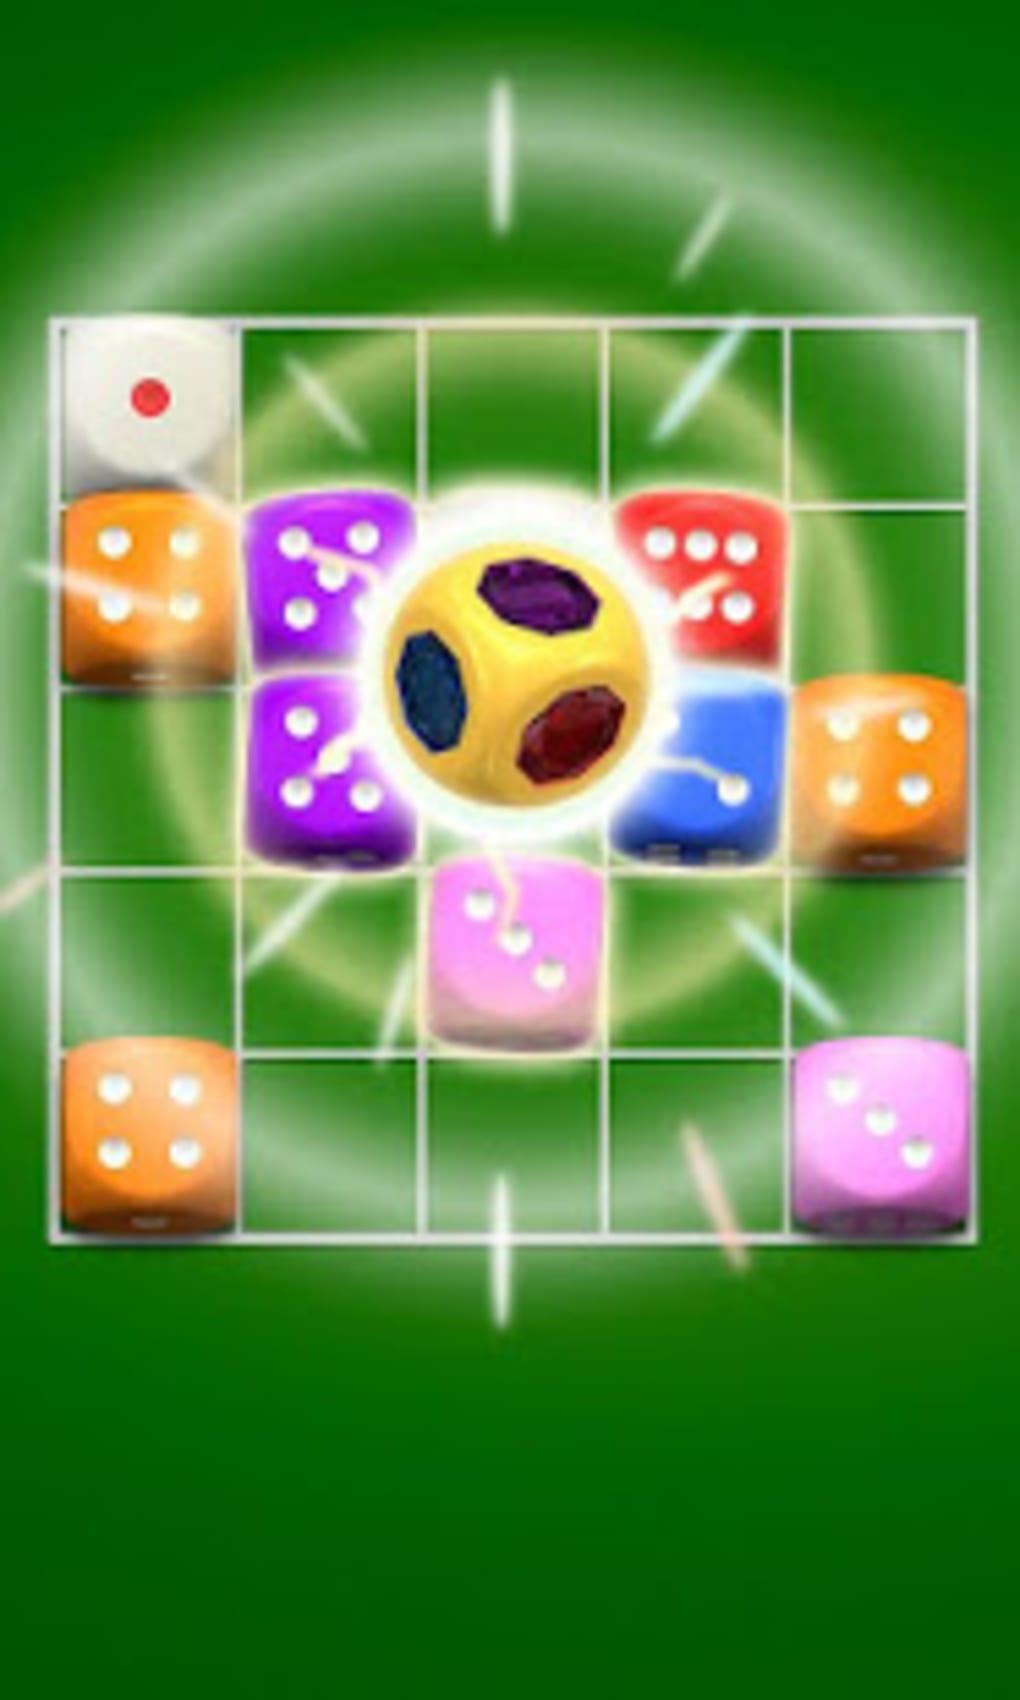 Dicedom - Merge Puzzle Pour Android - Télécharger dedans Puzzle Gratuit A Telecharger Pour Tablette